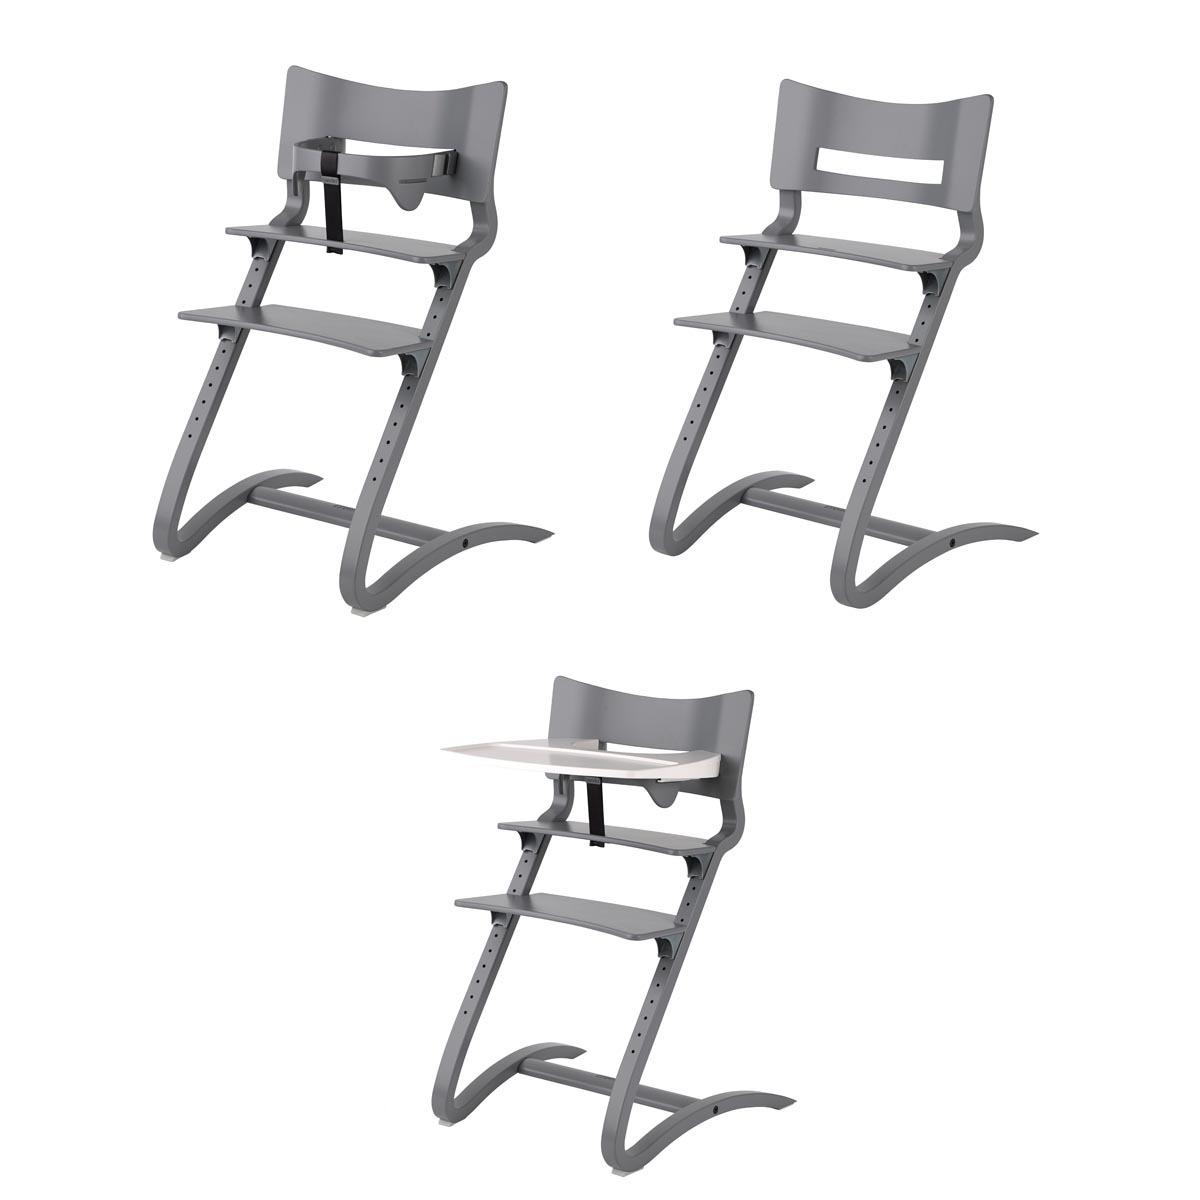 Chaise haute evolutive pas cher - Chaise pliable pas cher ...